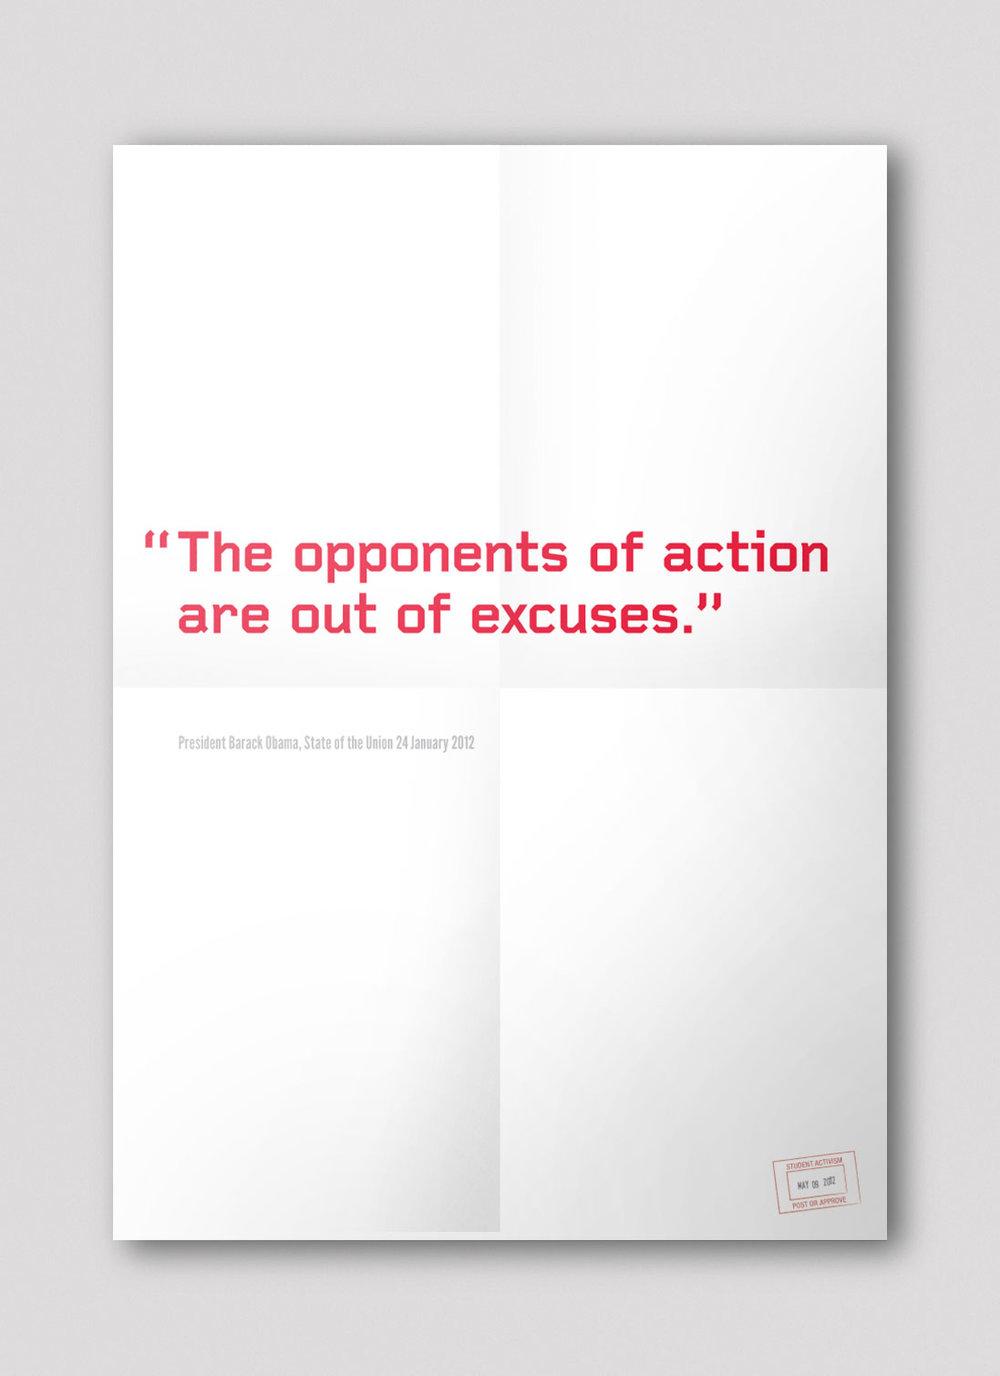 120125-excuses.jpg